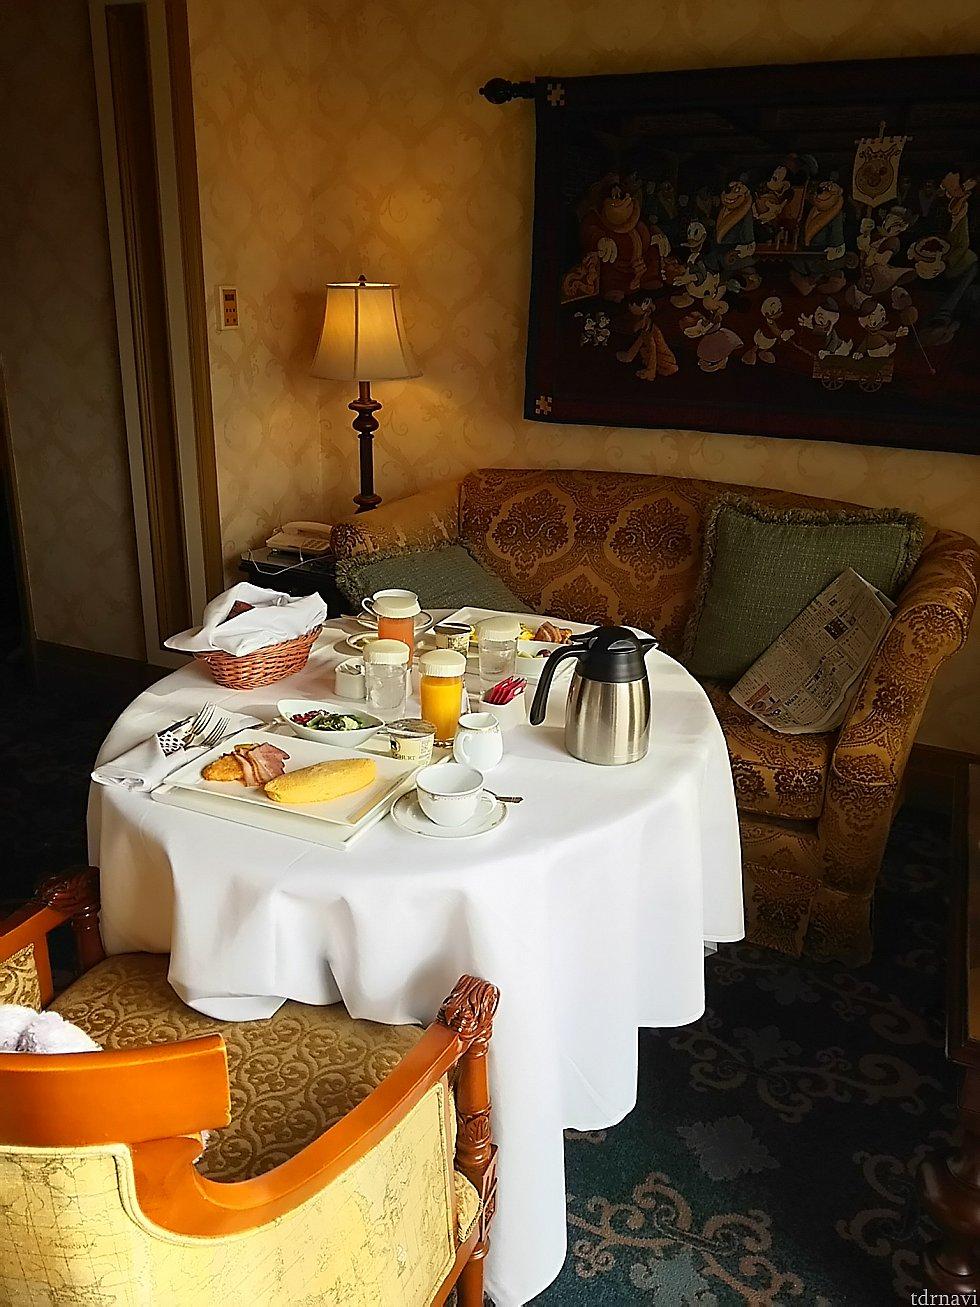 室内に用意していただいた朝食お部屋のテーブルを移動して朝食を運んできたワゴンがテーブルになりました